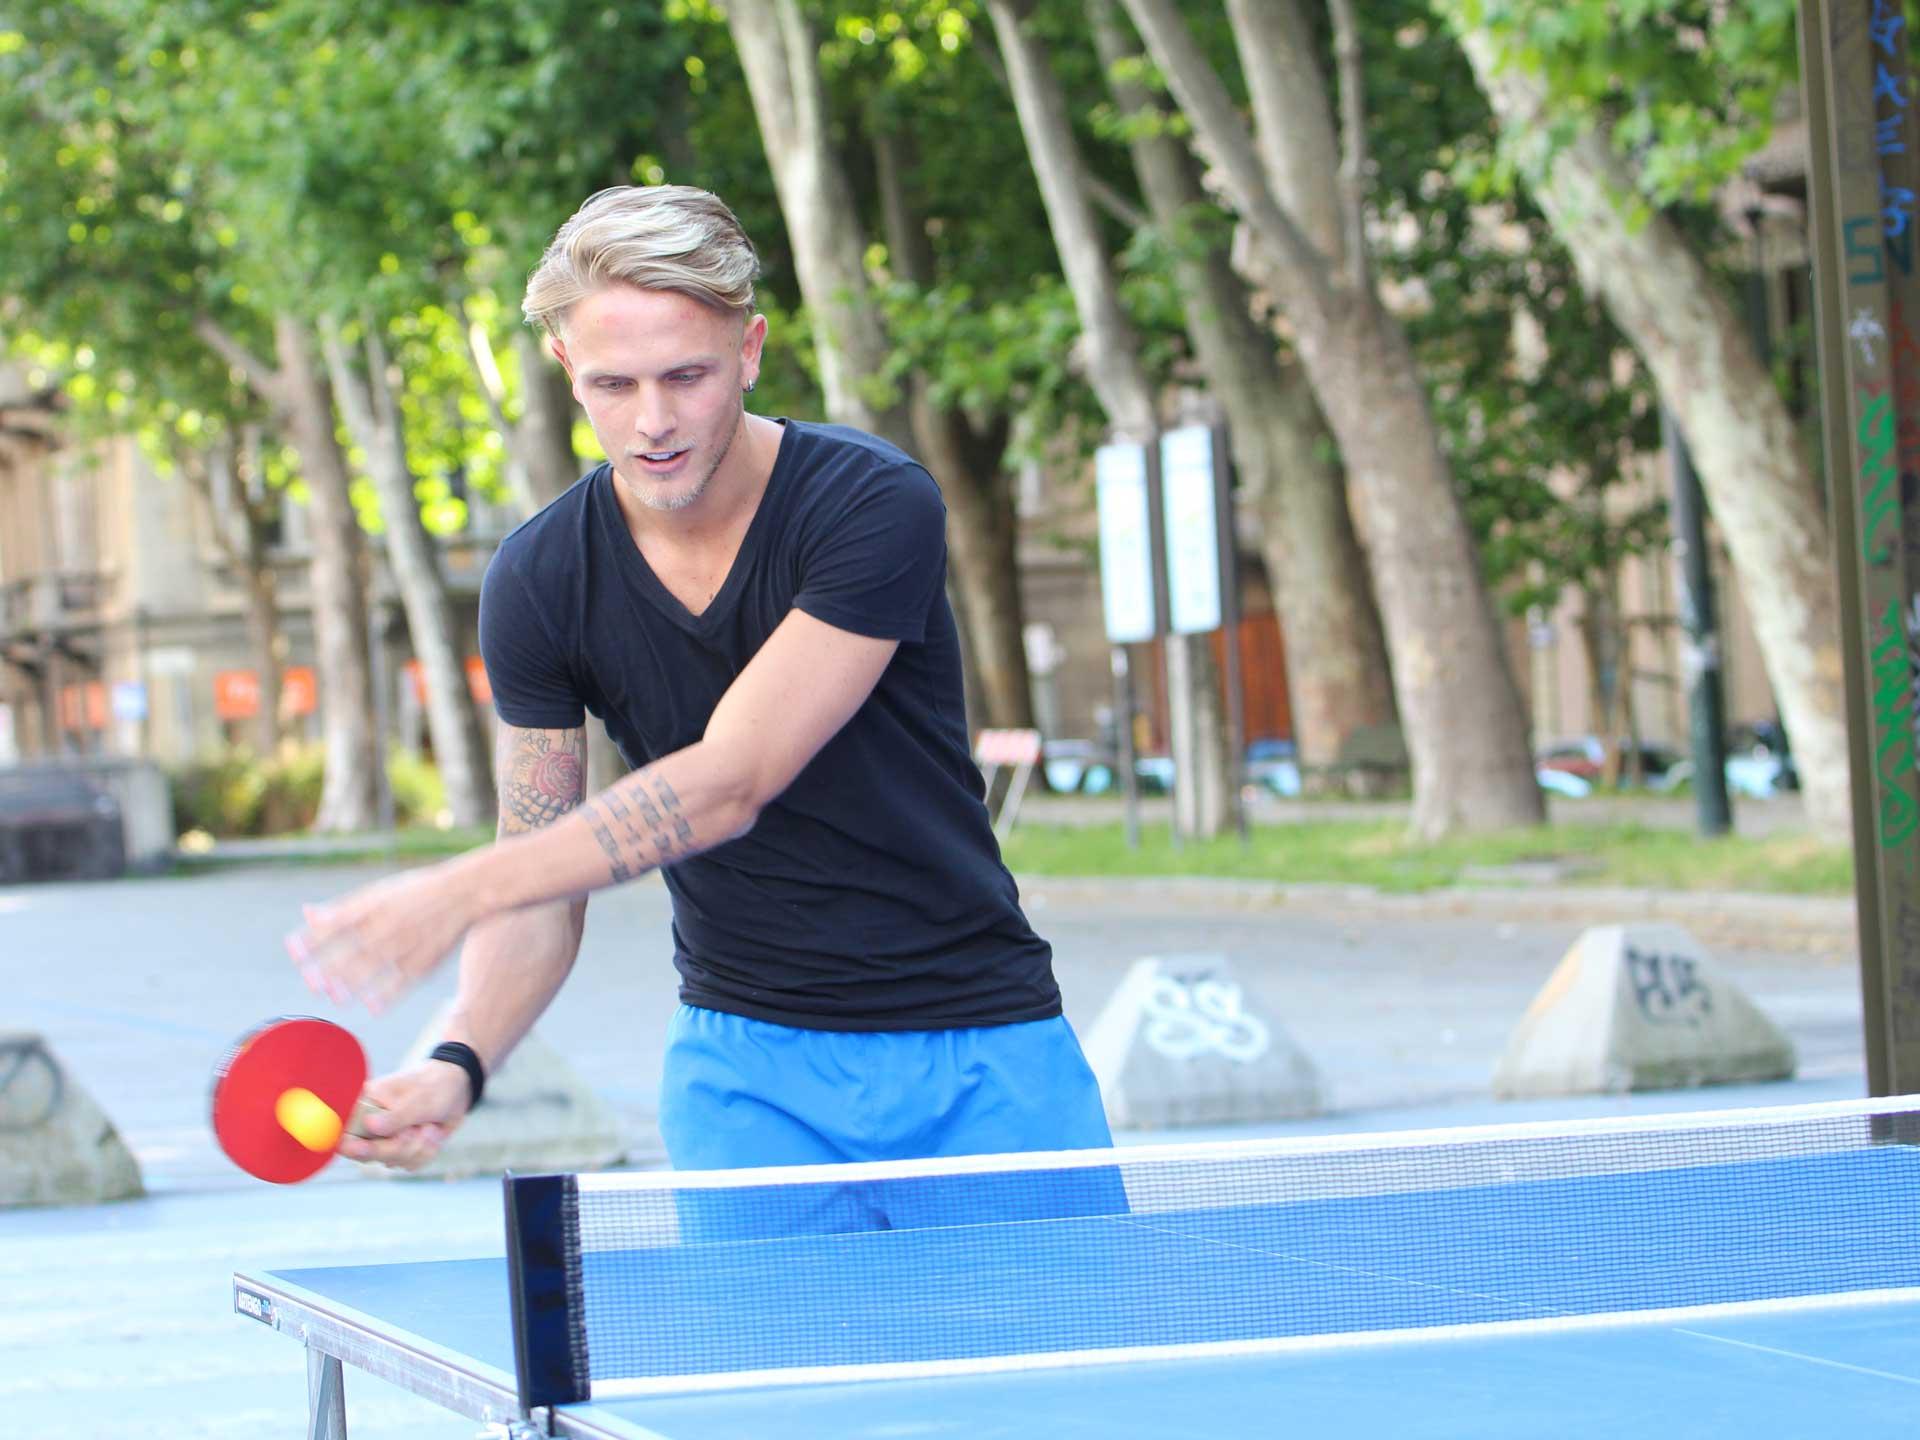 Ping Pong personalizzati vendita e noleggio - Noleggiocampi.it